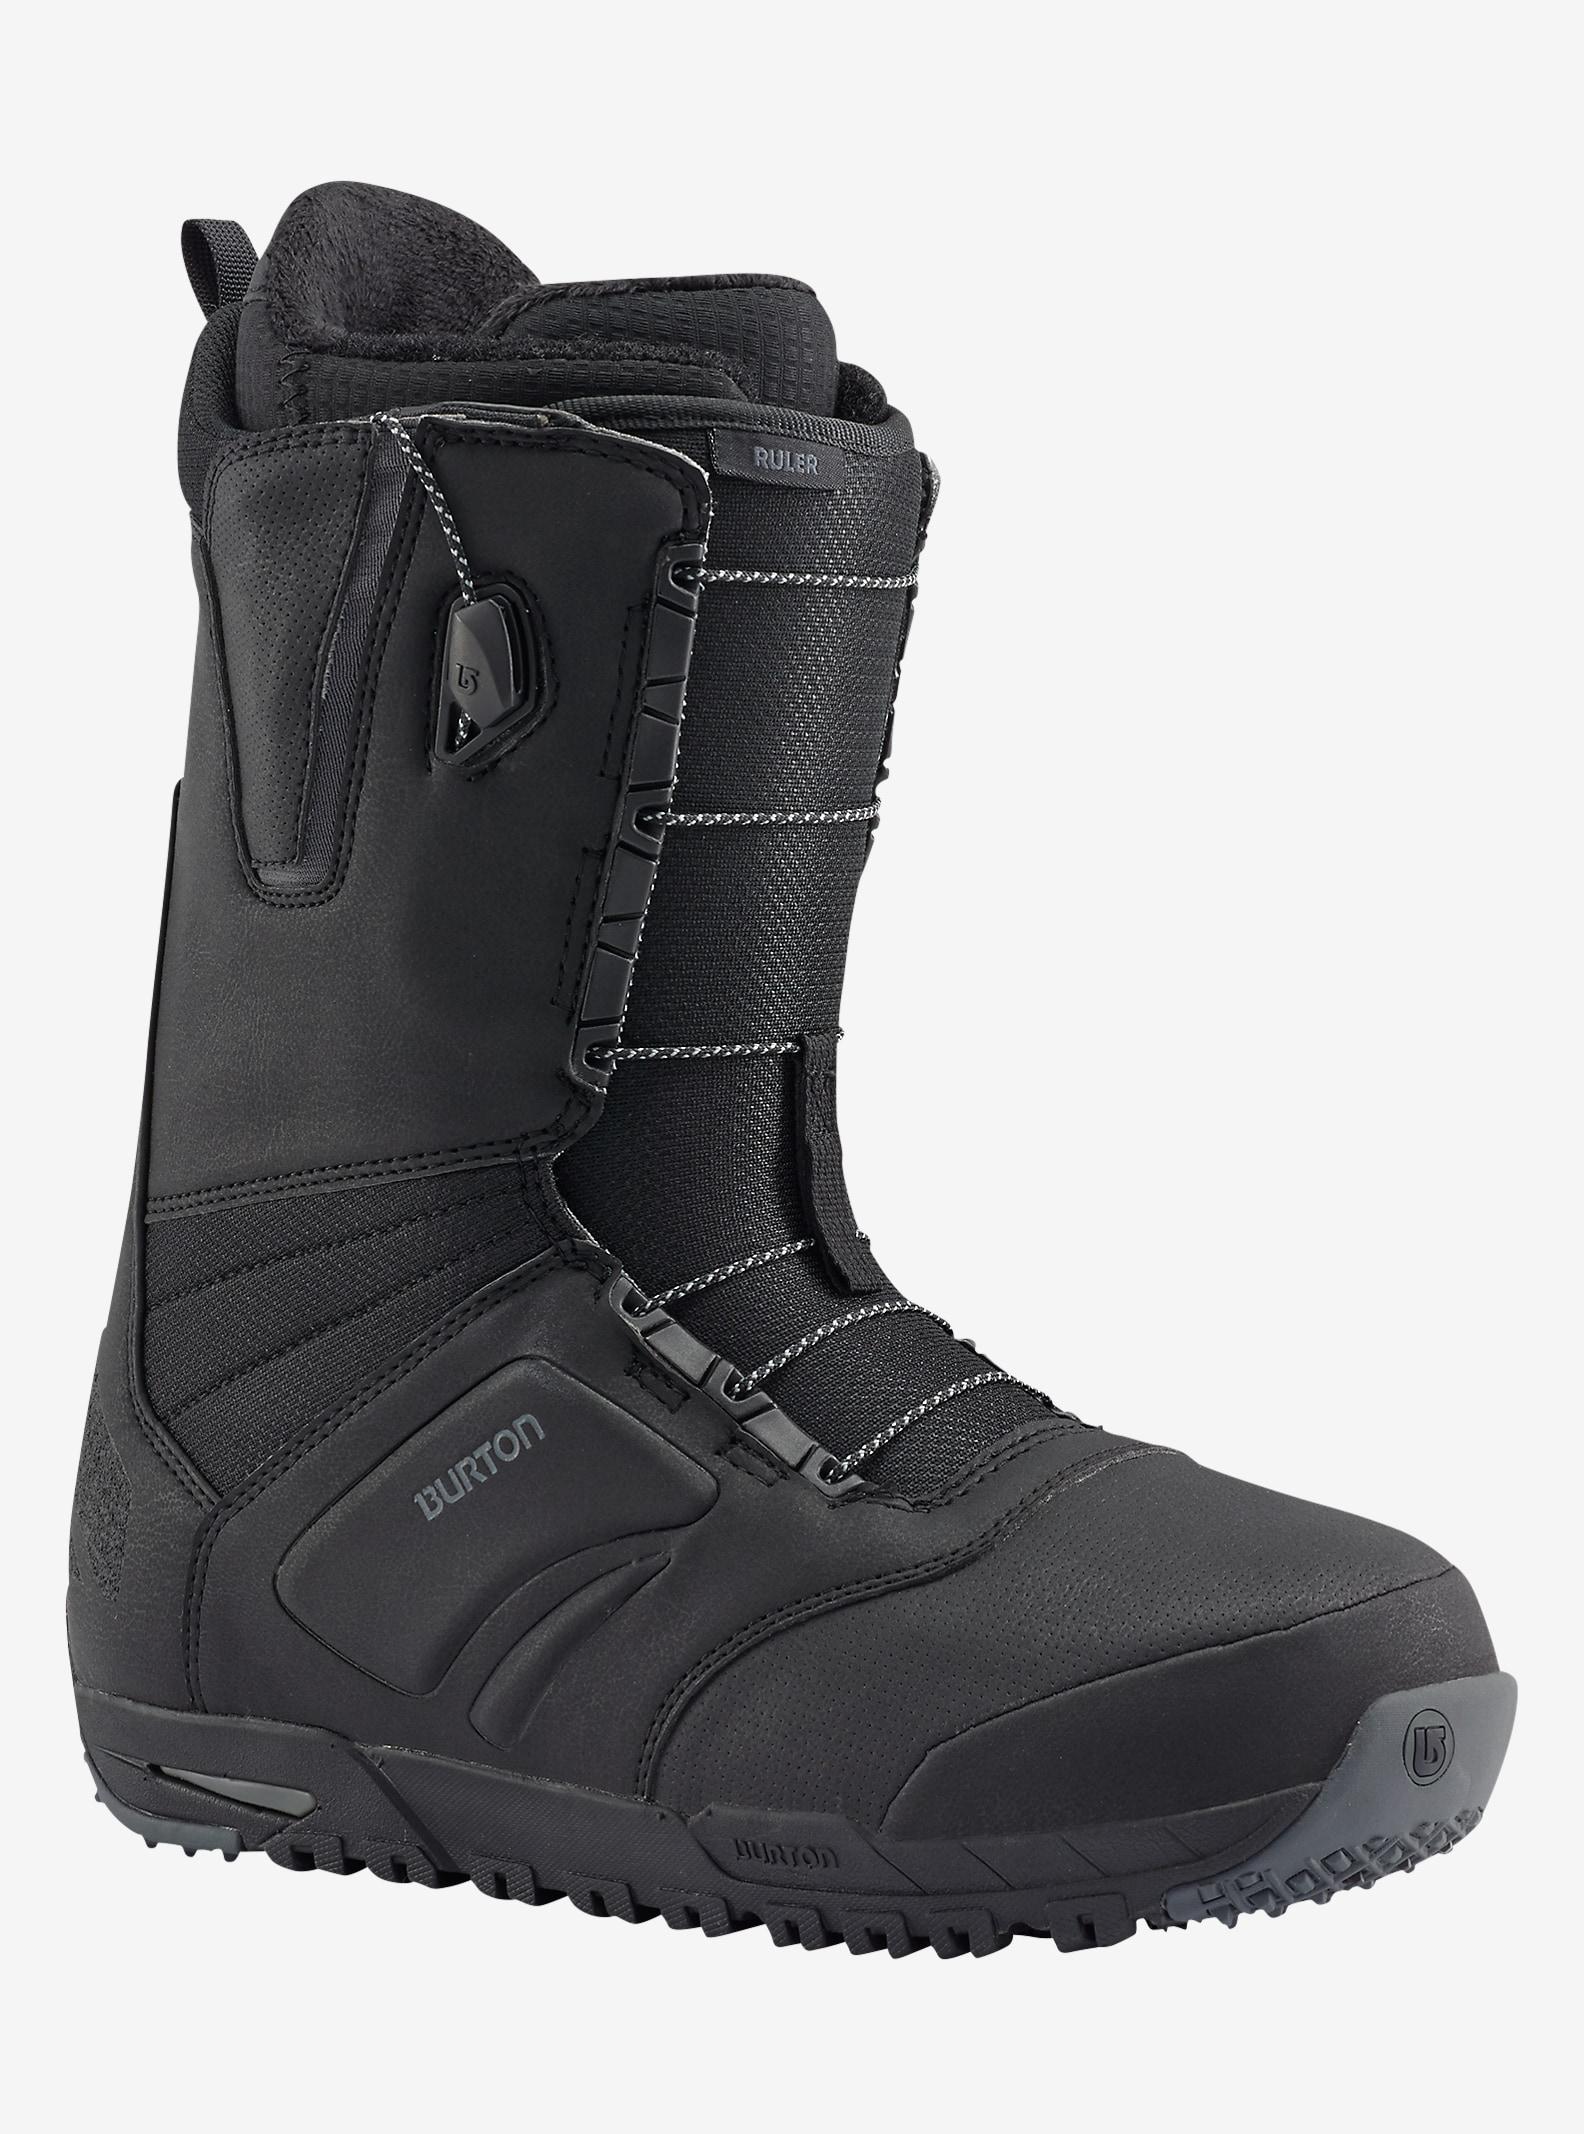 Burton Ruler Snowboard Boot shown in Black